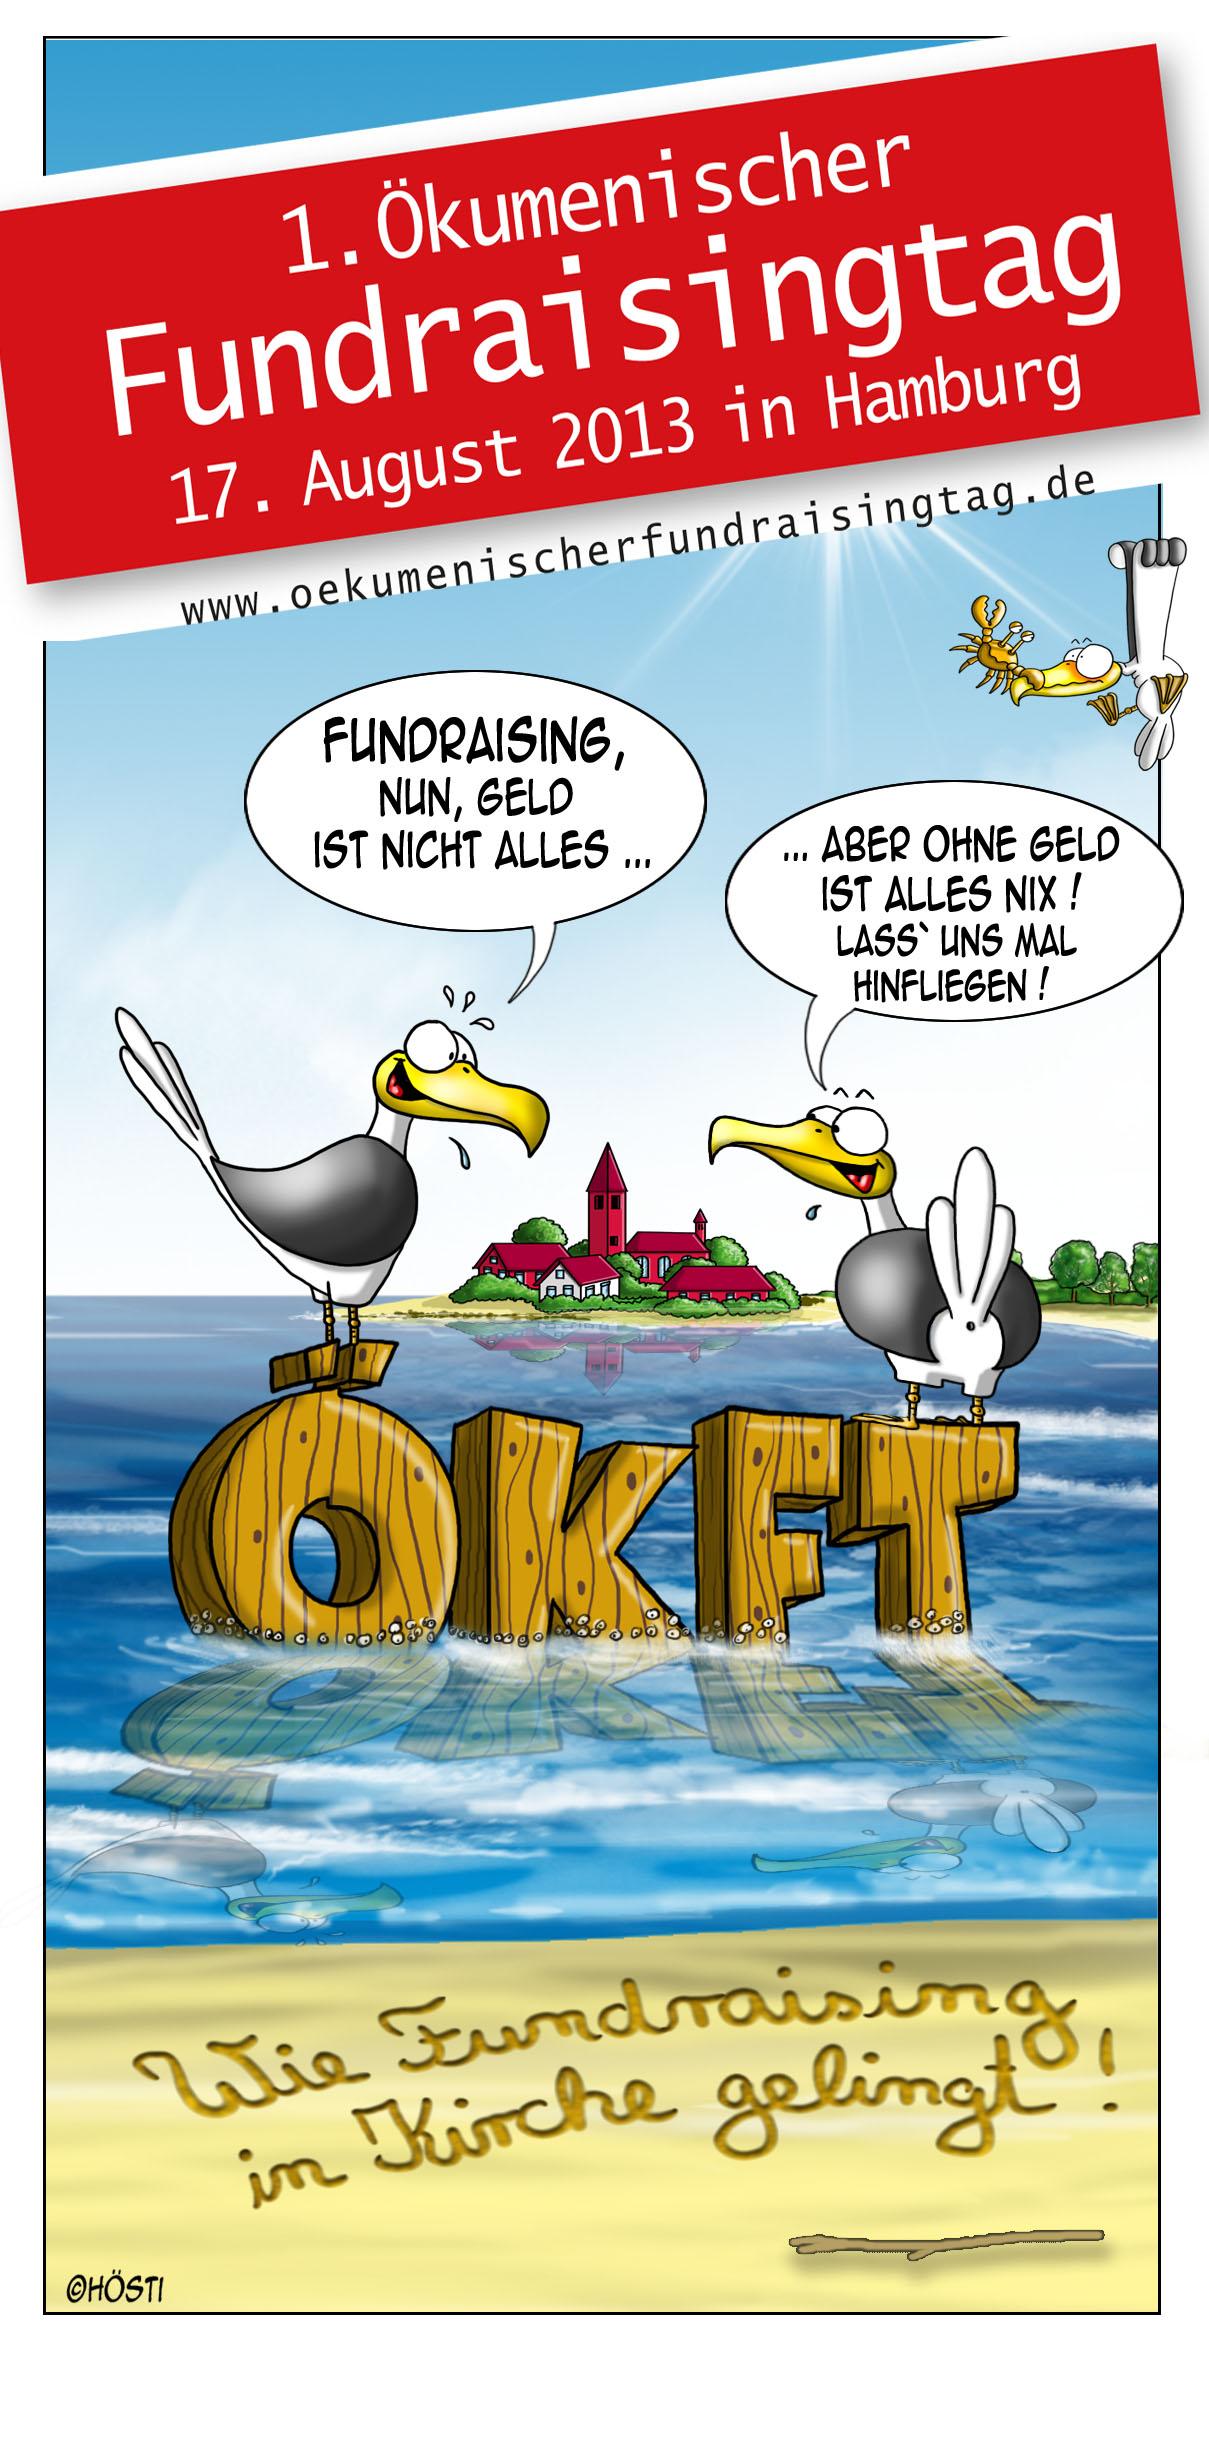 fundraising einzelbild